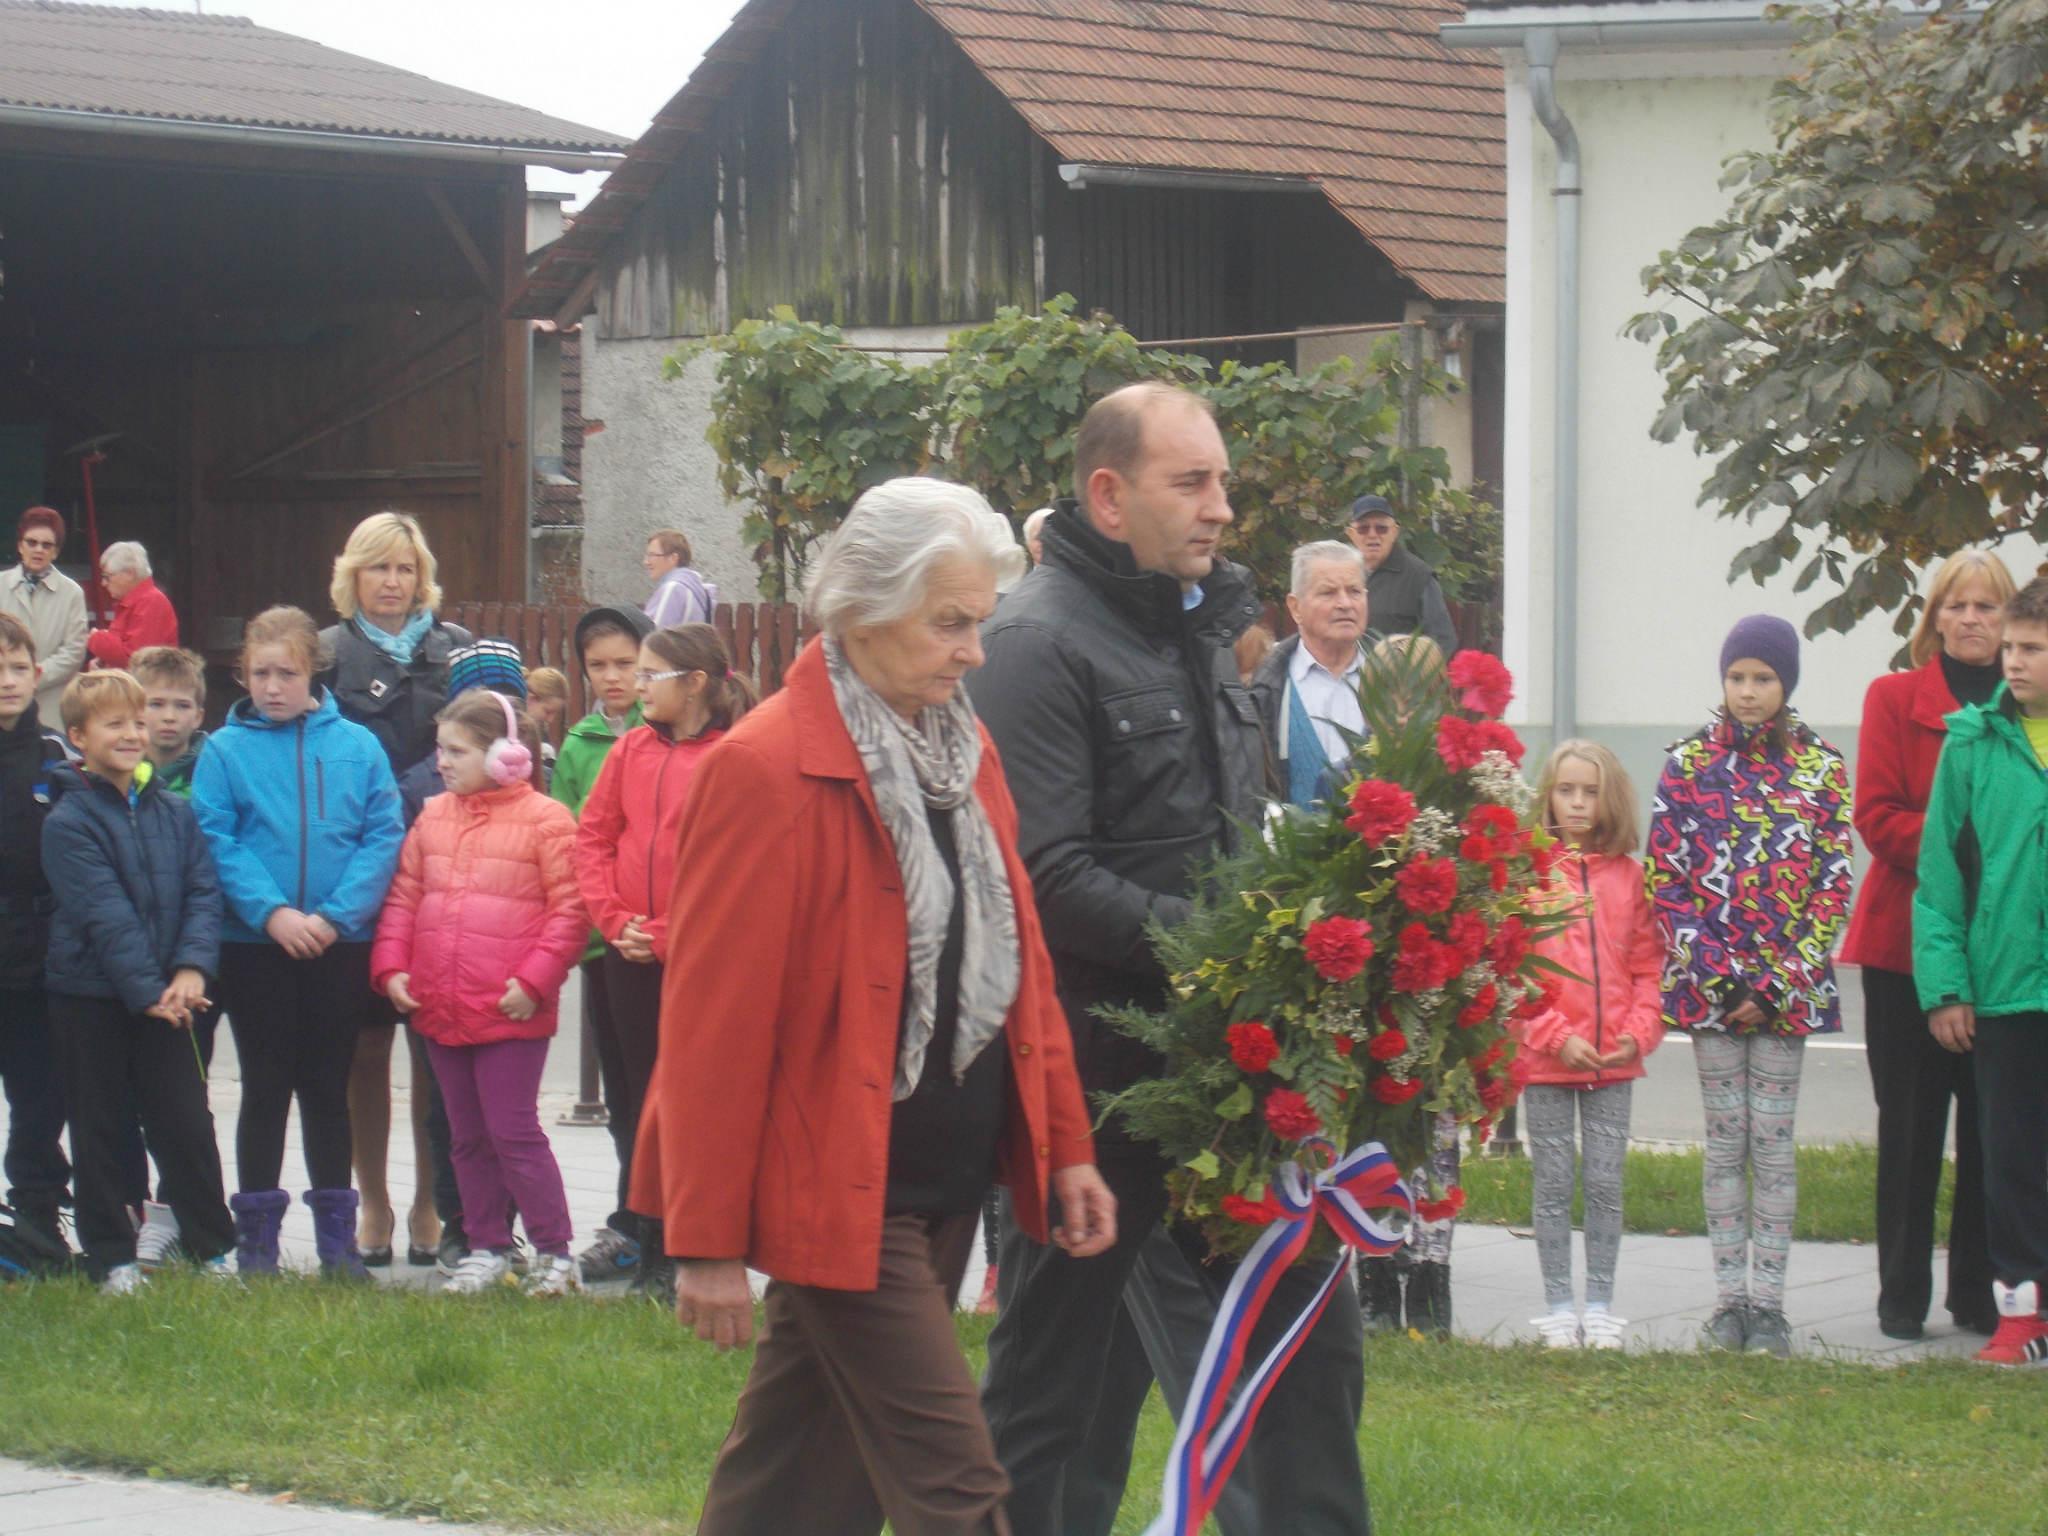 Komemoracija ob spomeniku žrtvam NOB v Središču ob Dravi